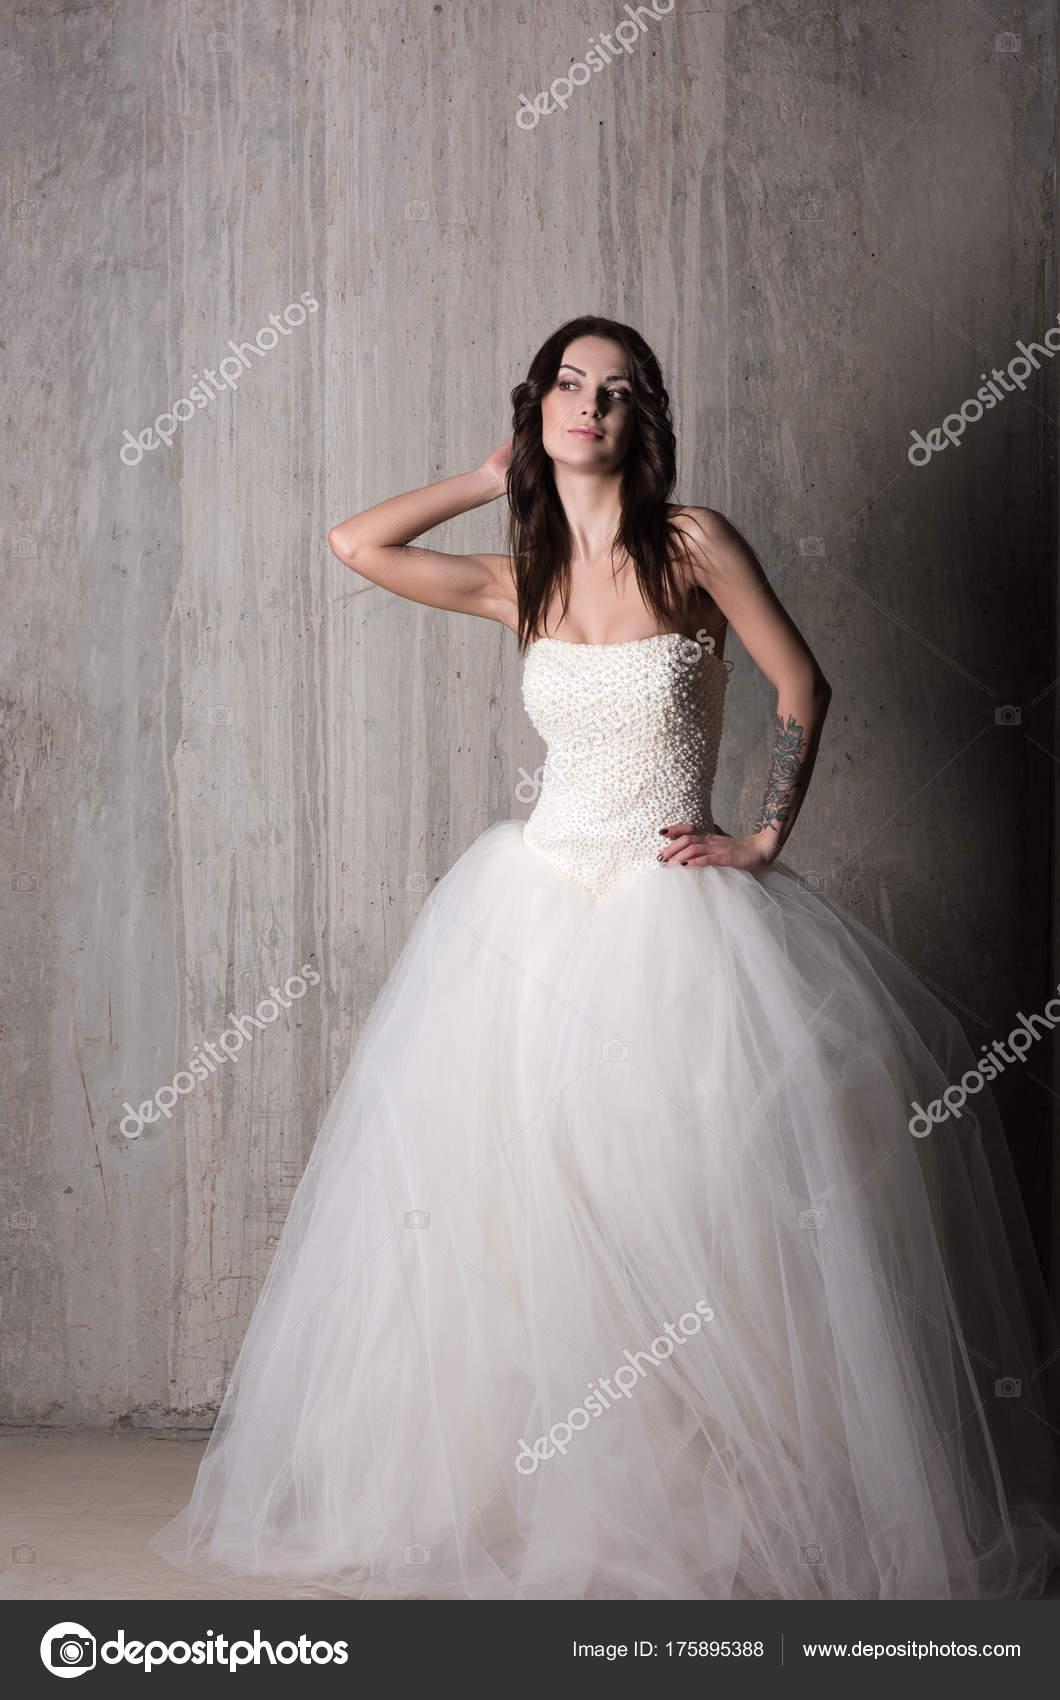 Braut Im Schonen Hochzeitskleid Mit Aus Der Schulter Posen Gegen Die